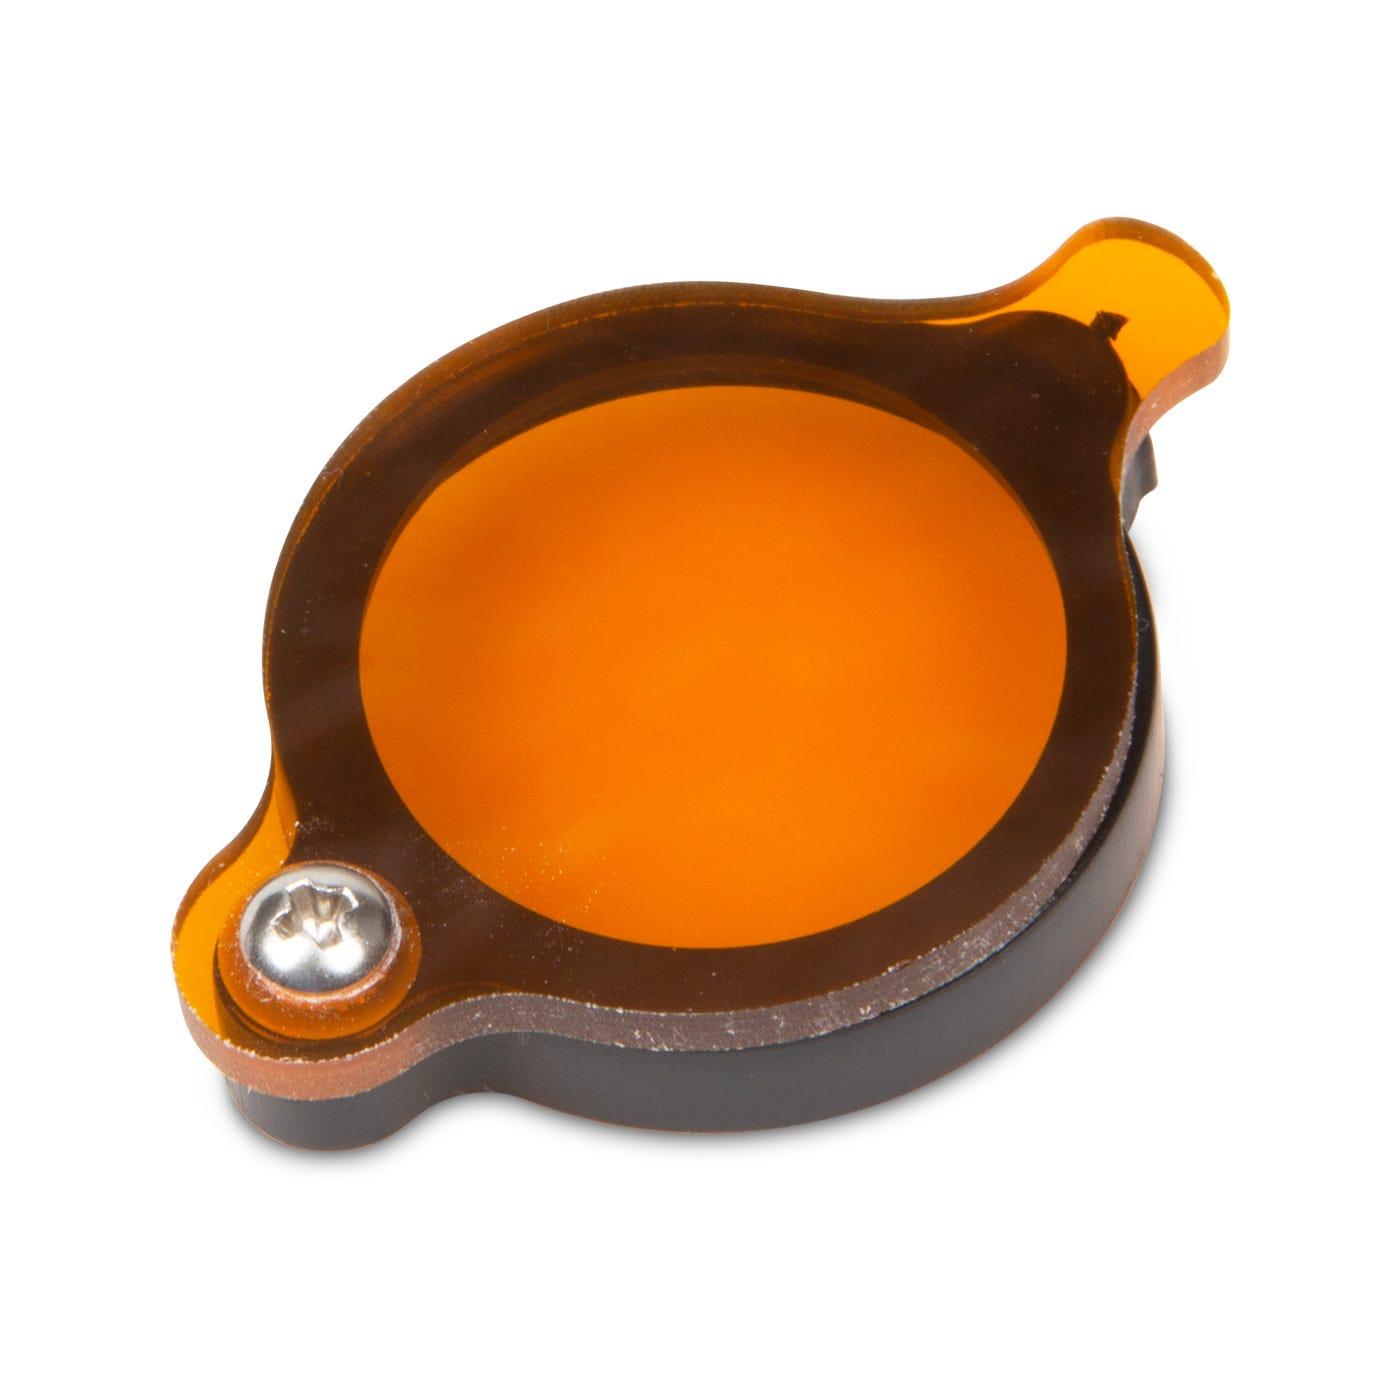 Dental Headlight - Firefly Curing Filter